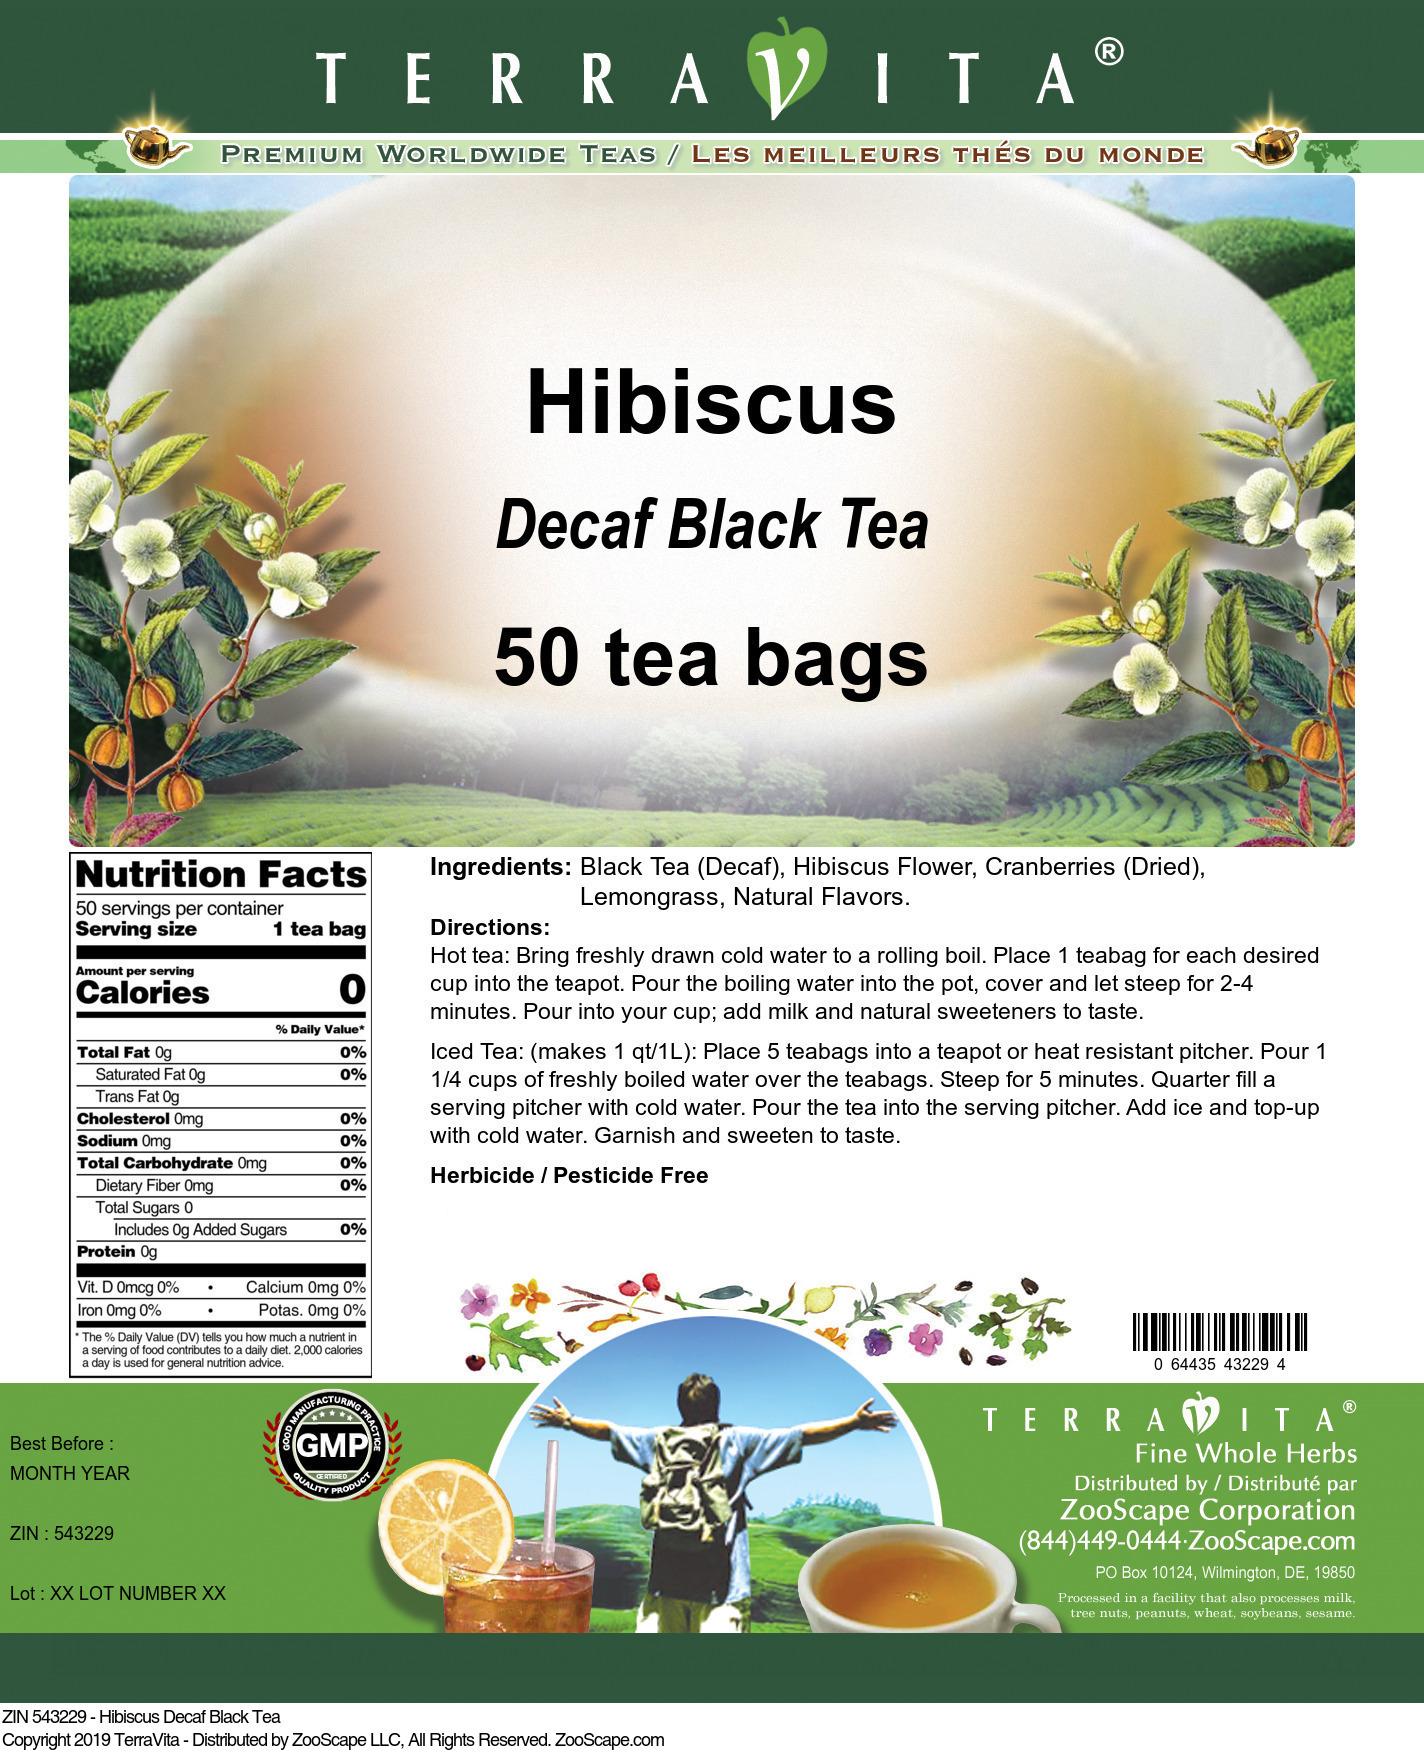 Hibiscus Decaf Black Tea